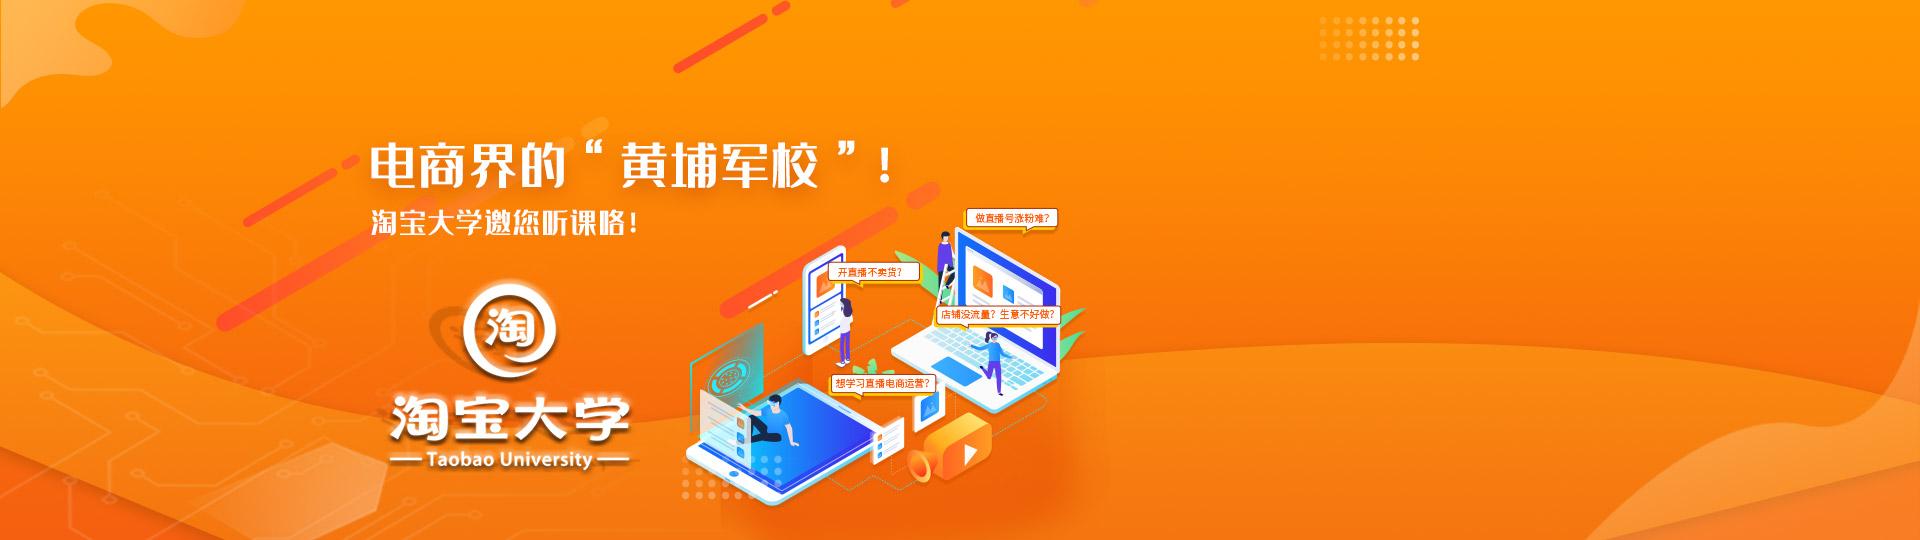 万创科技城站,阿里云,阿里云创新中心,太原创业,太原创新